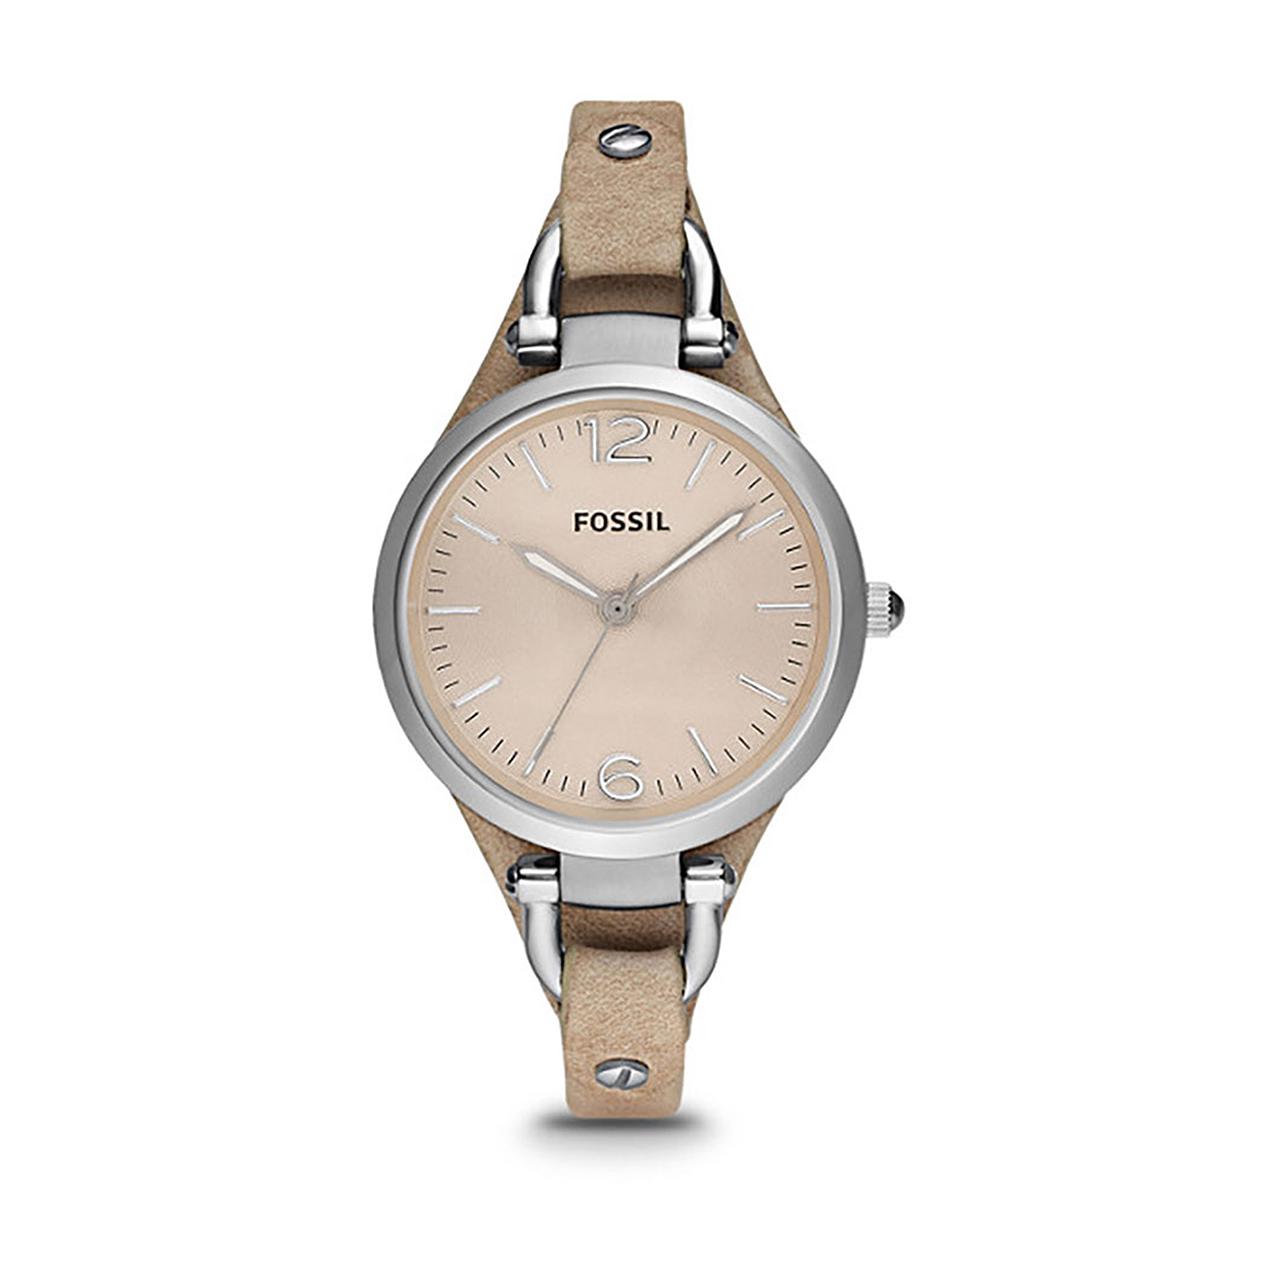 ساعت مچی عقربه ای زنانه فسیل مدل ES2830 34